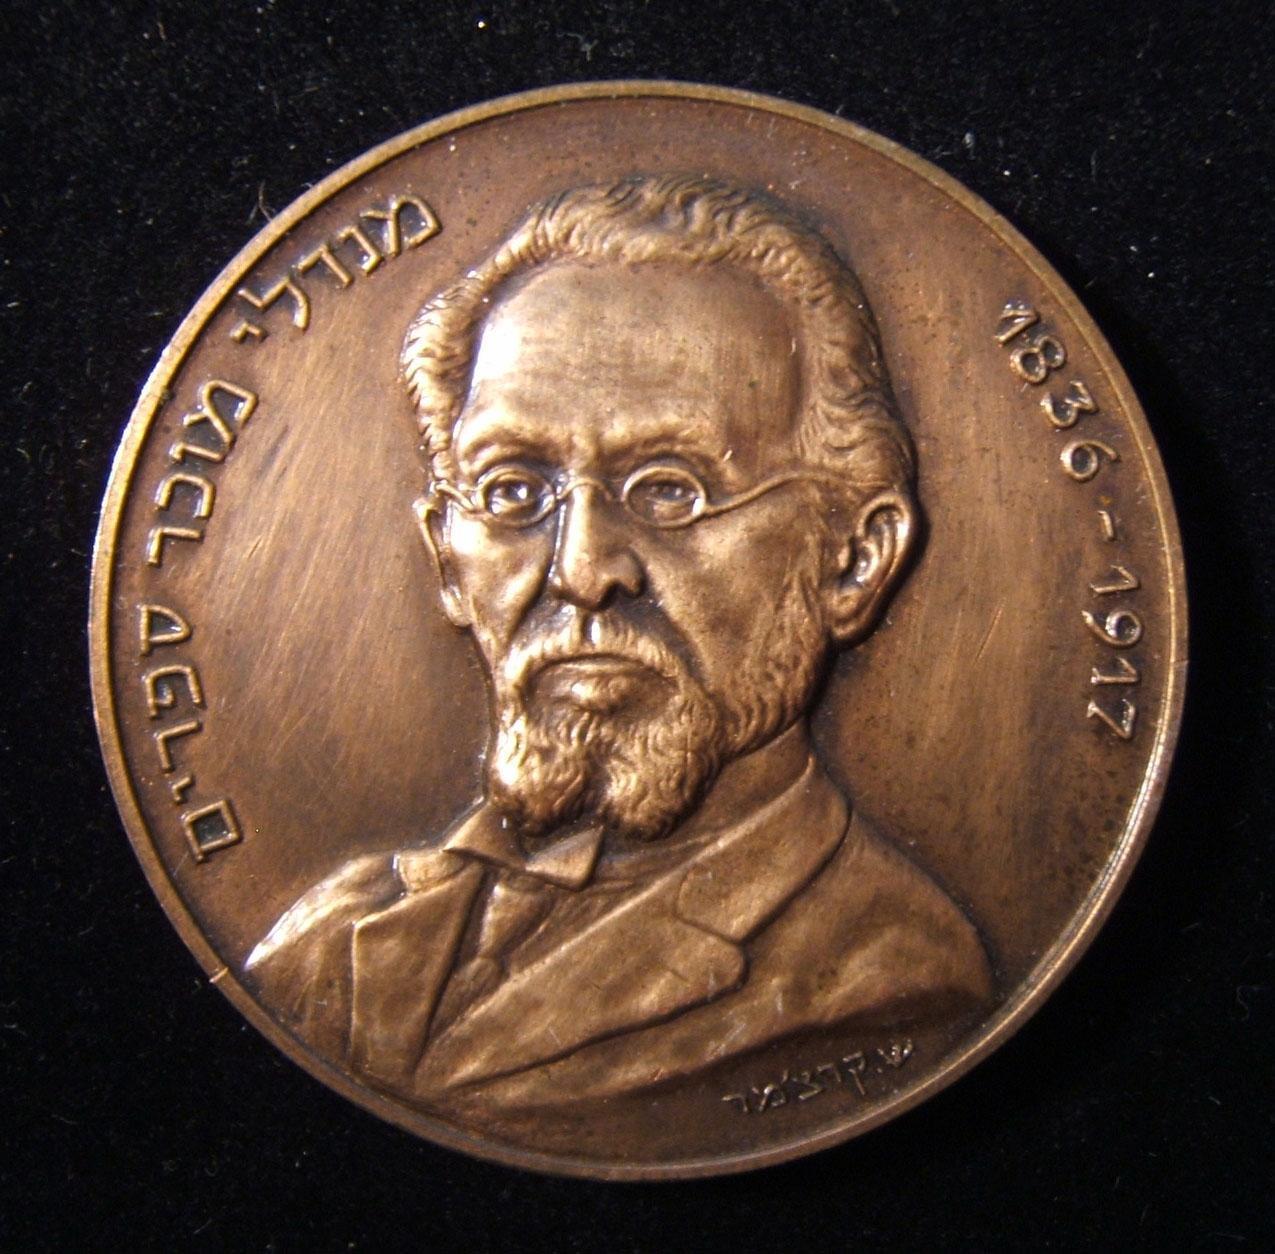 ميدالية تصوير إسرائيلية من مندلي موشير سفوريم لشموئيل Kretchmer